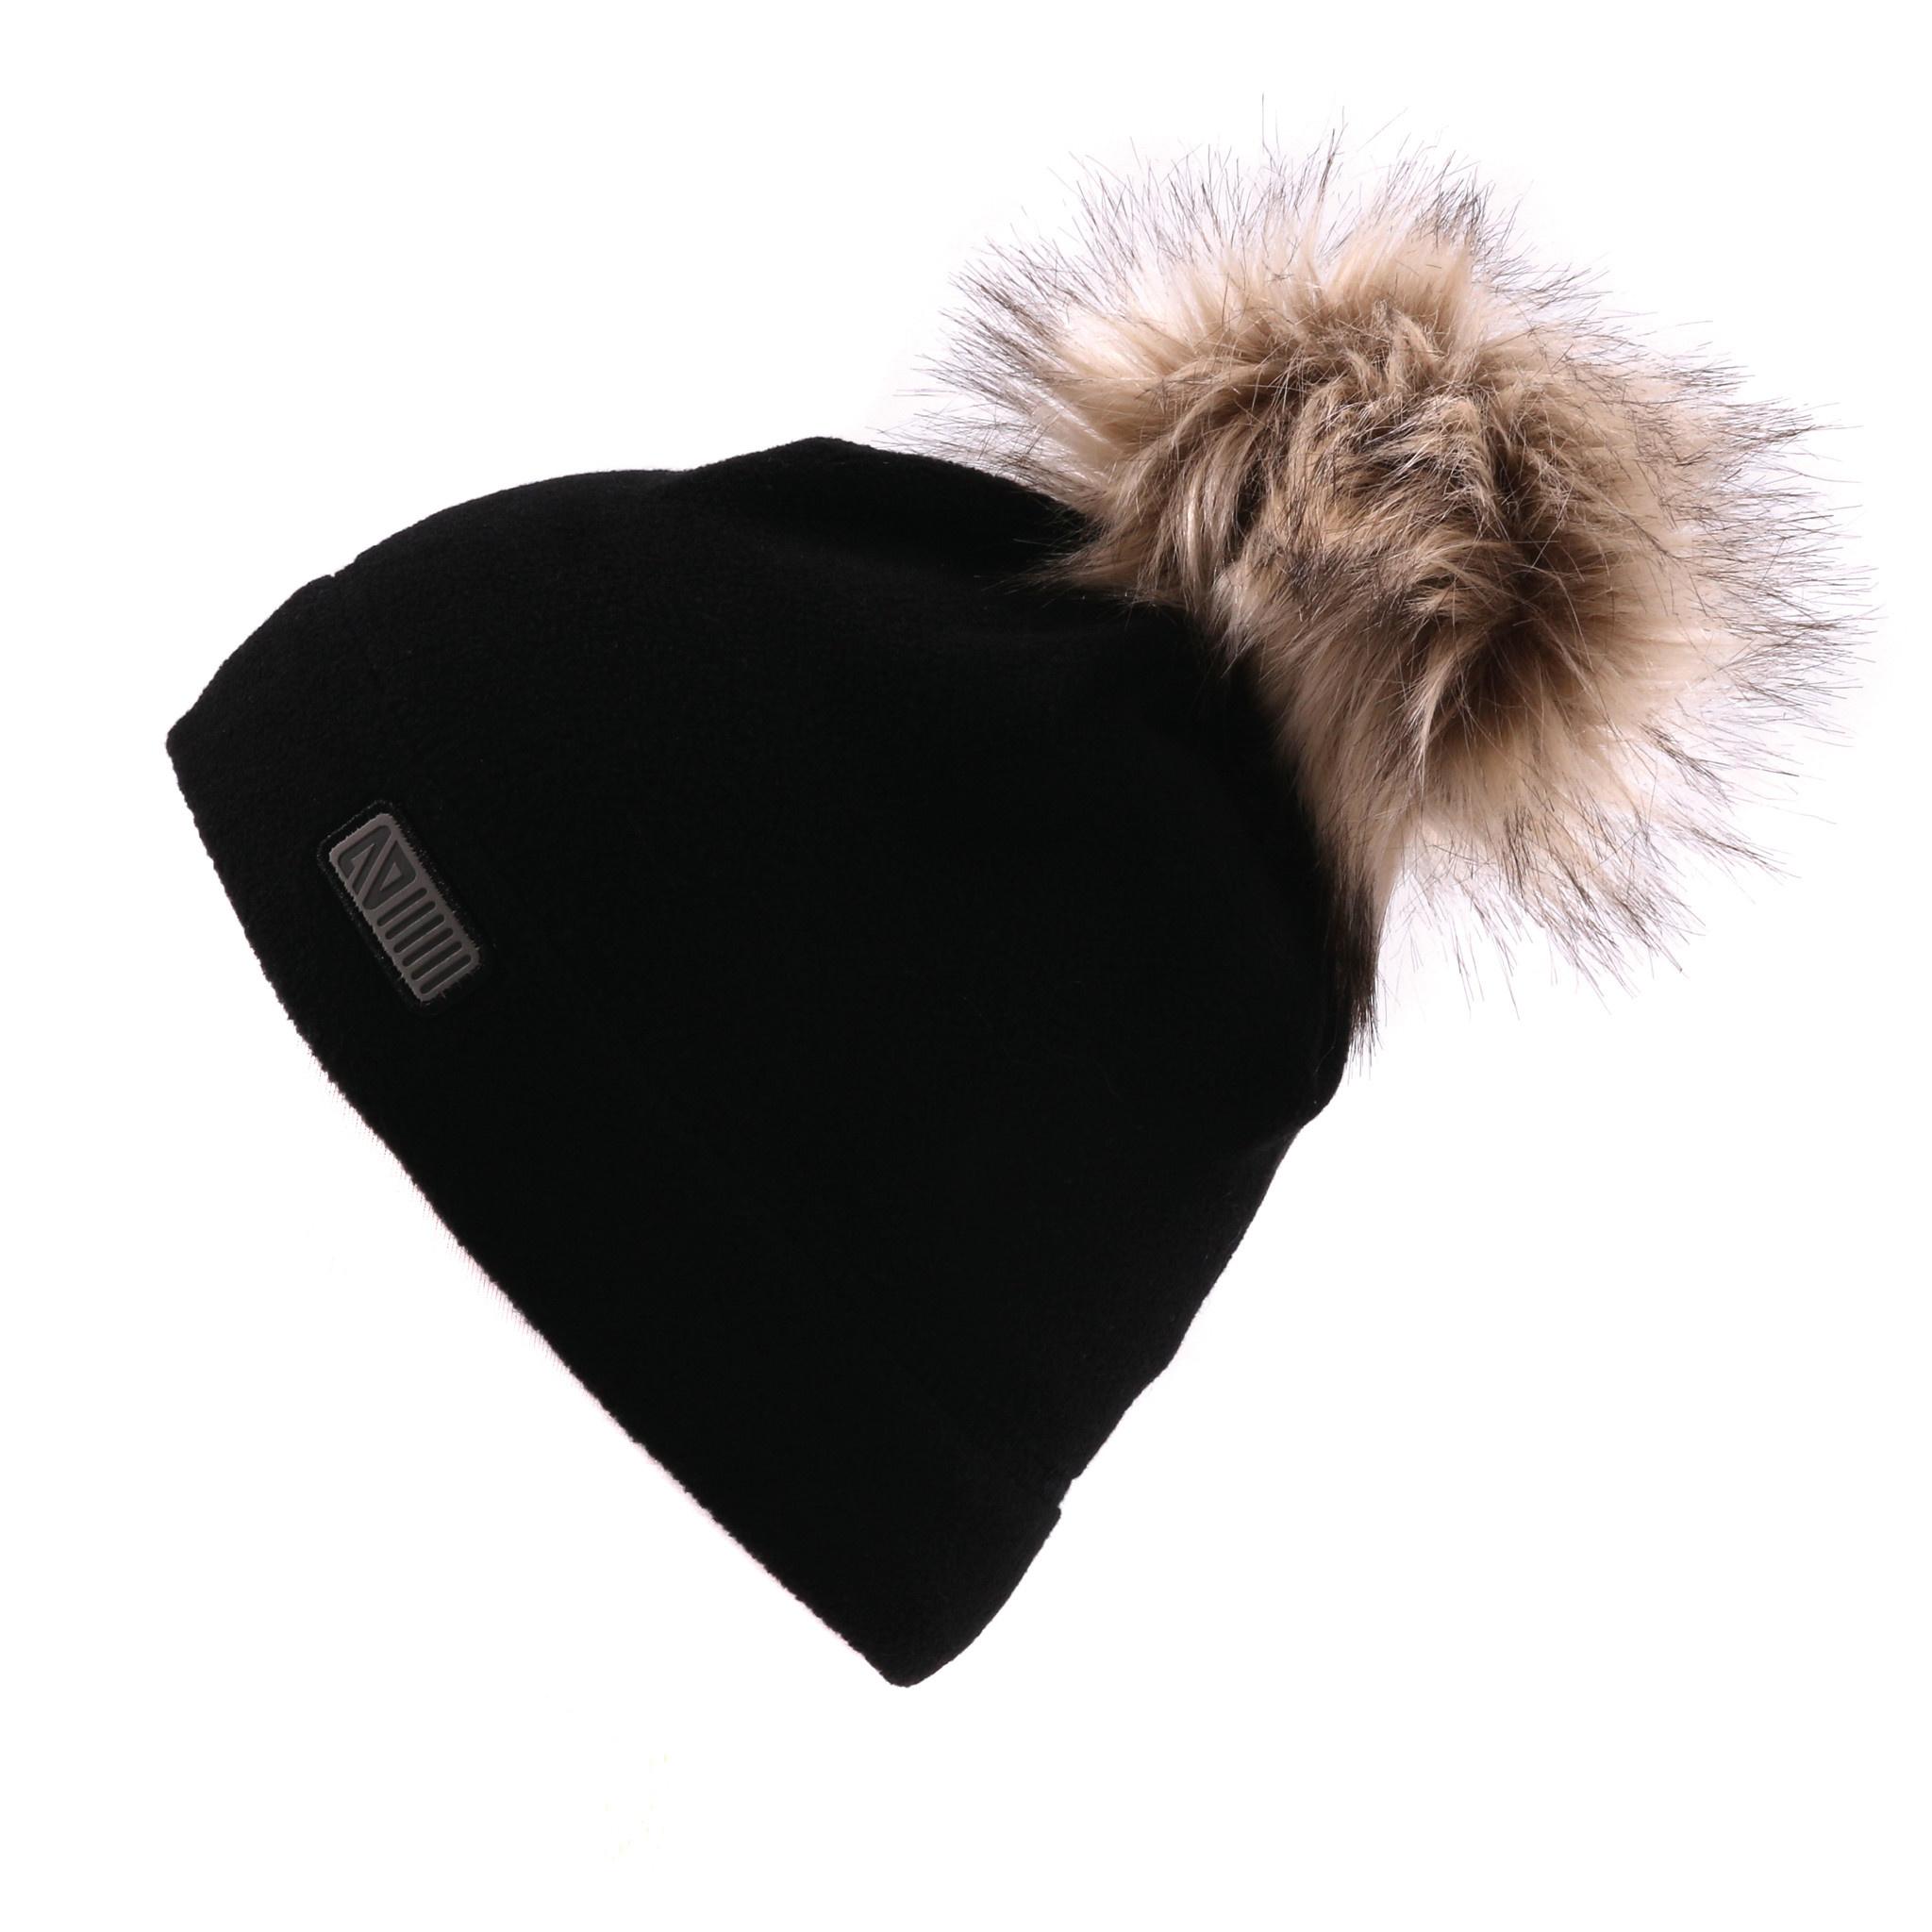 Tuque en polar sans oreilles Noire-2